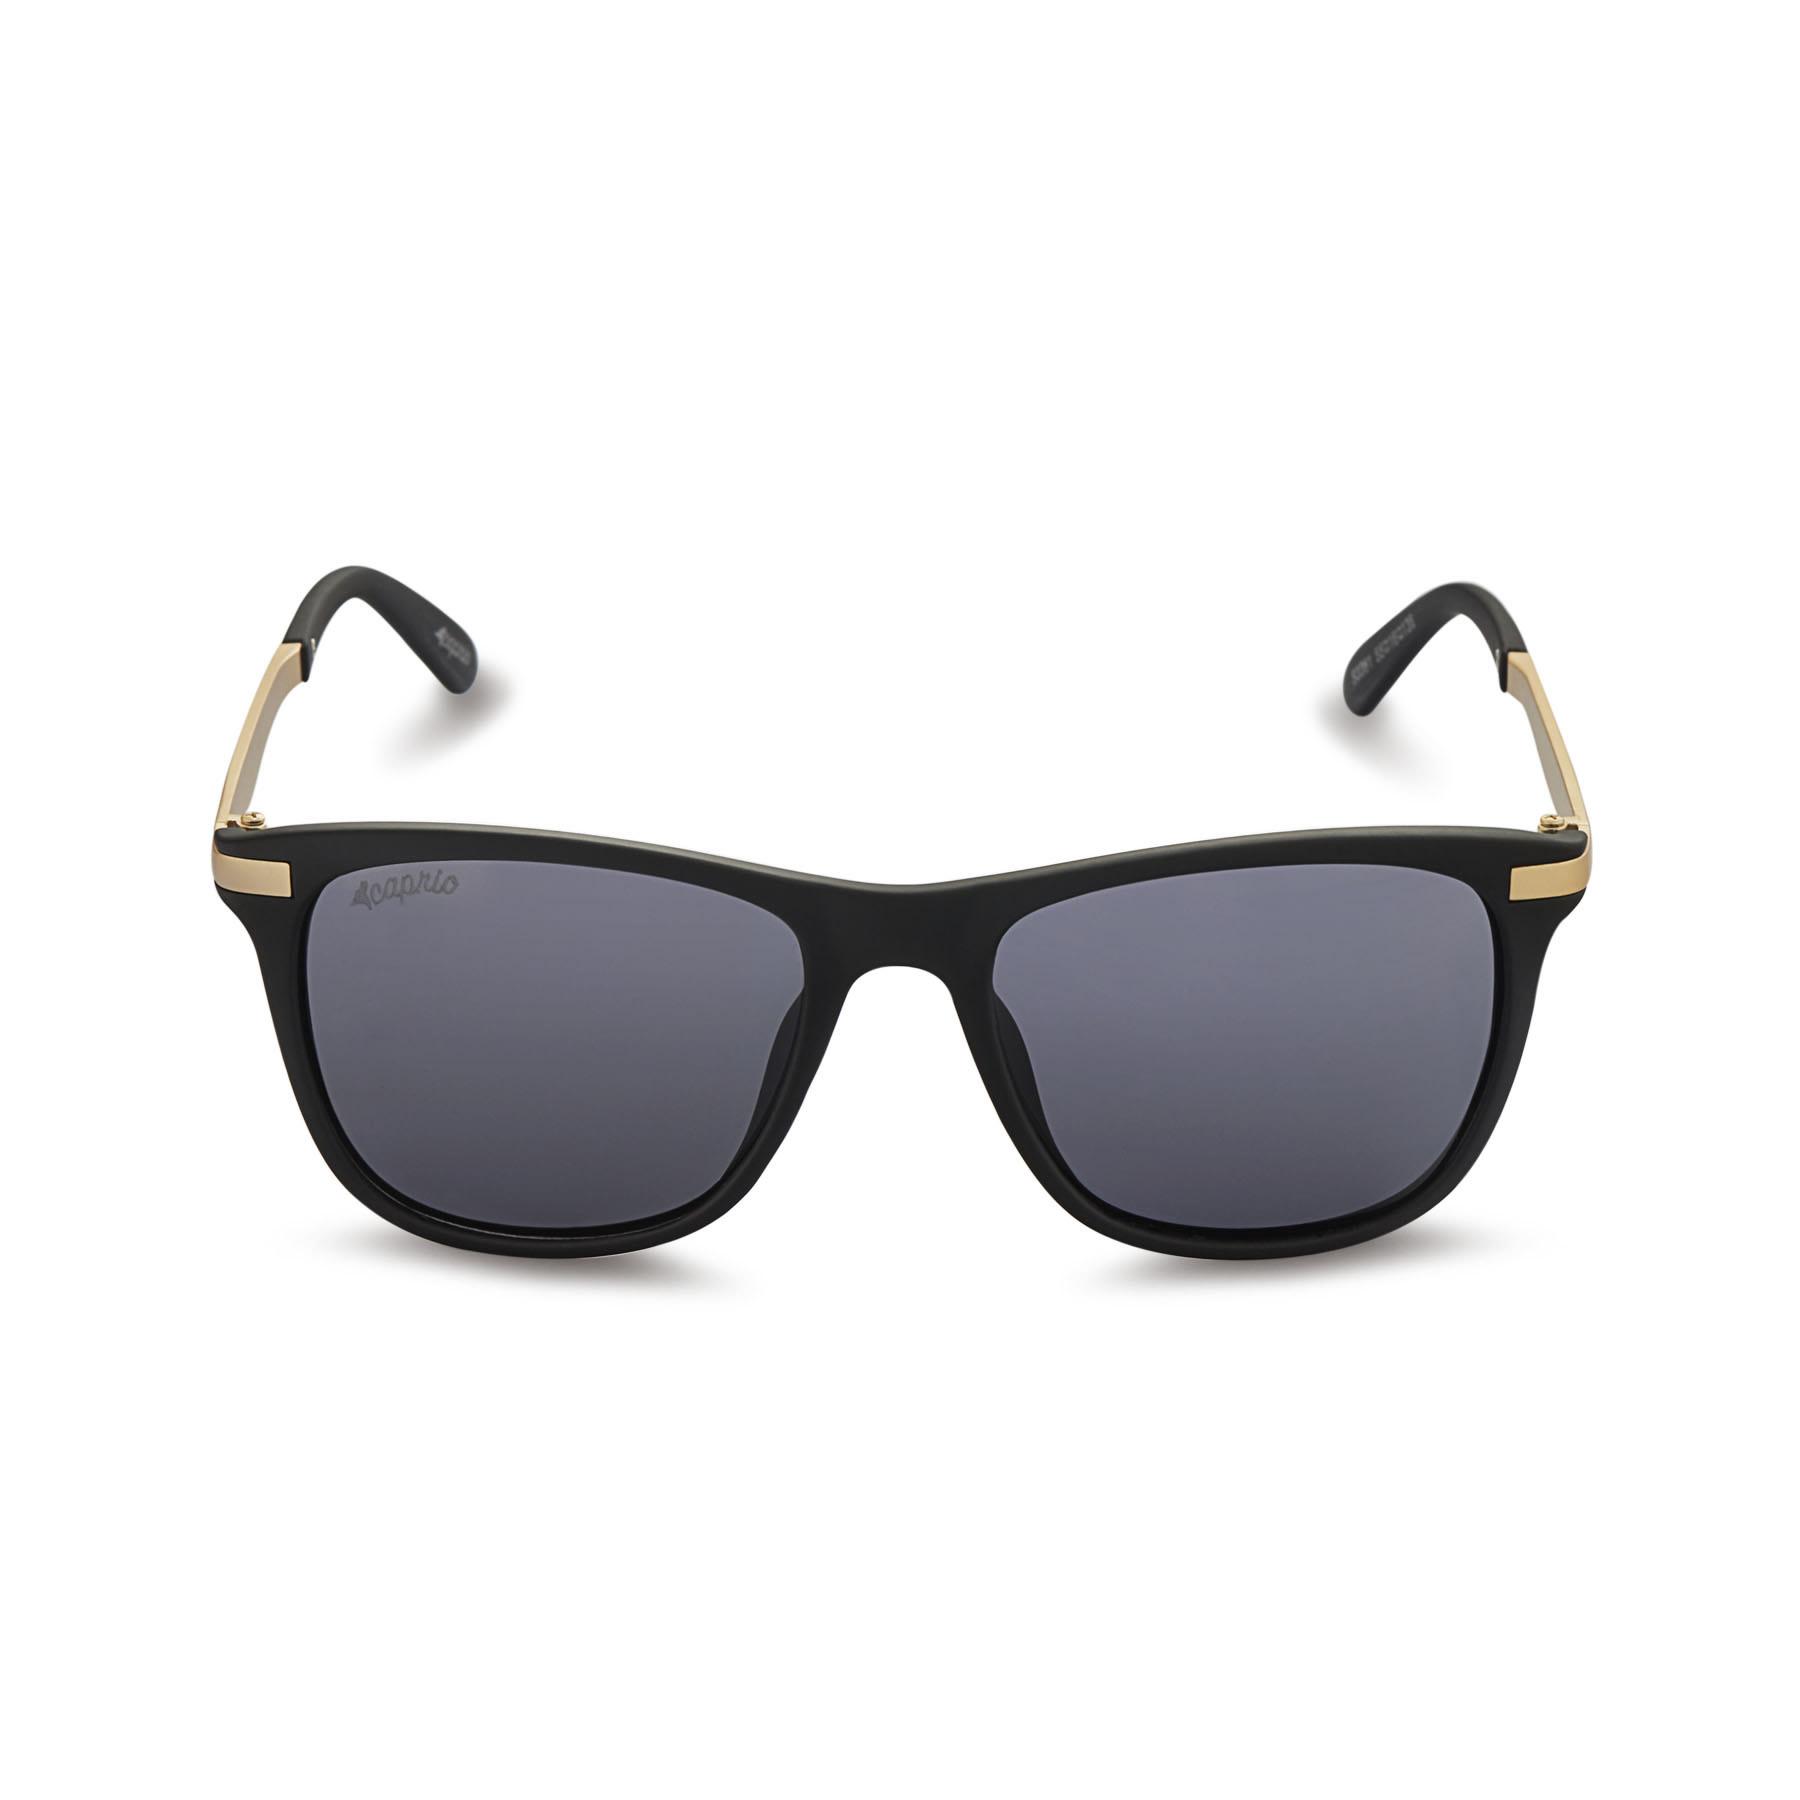 272d6d756770b Caprio Unisex Retro Square Sunglasses